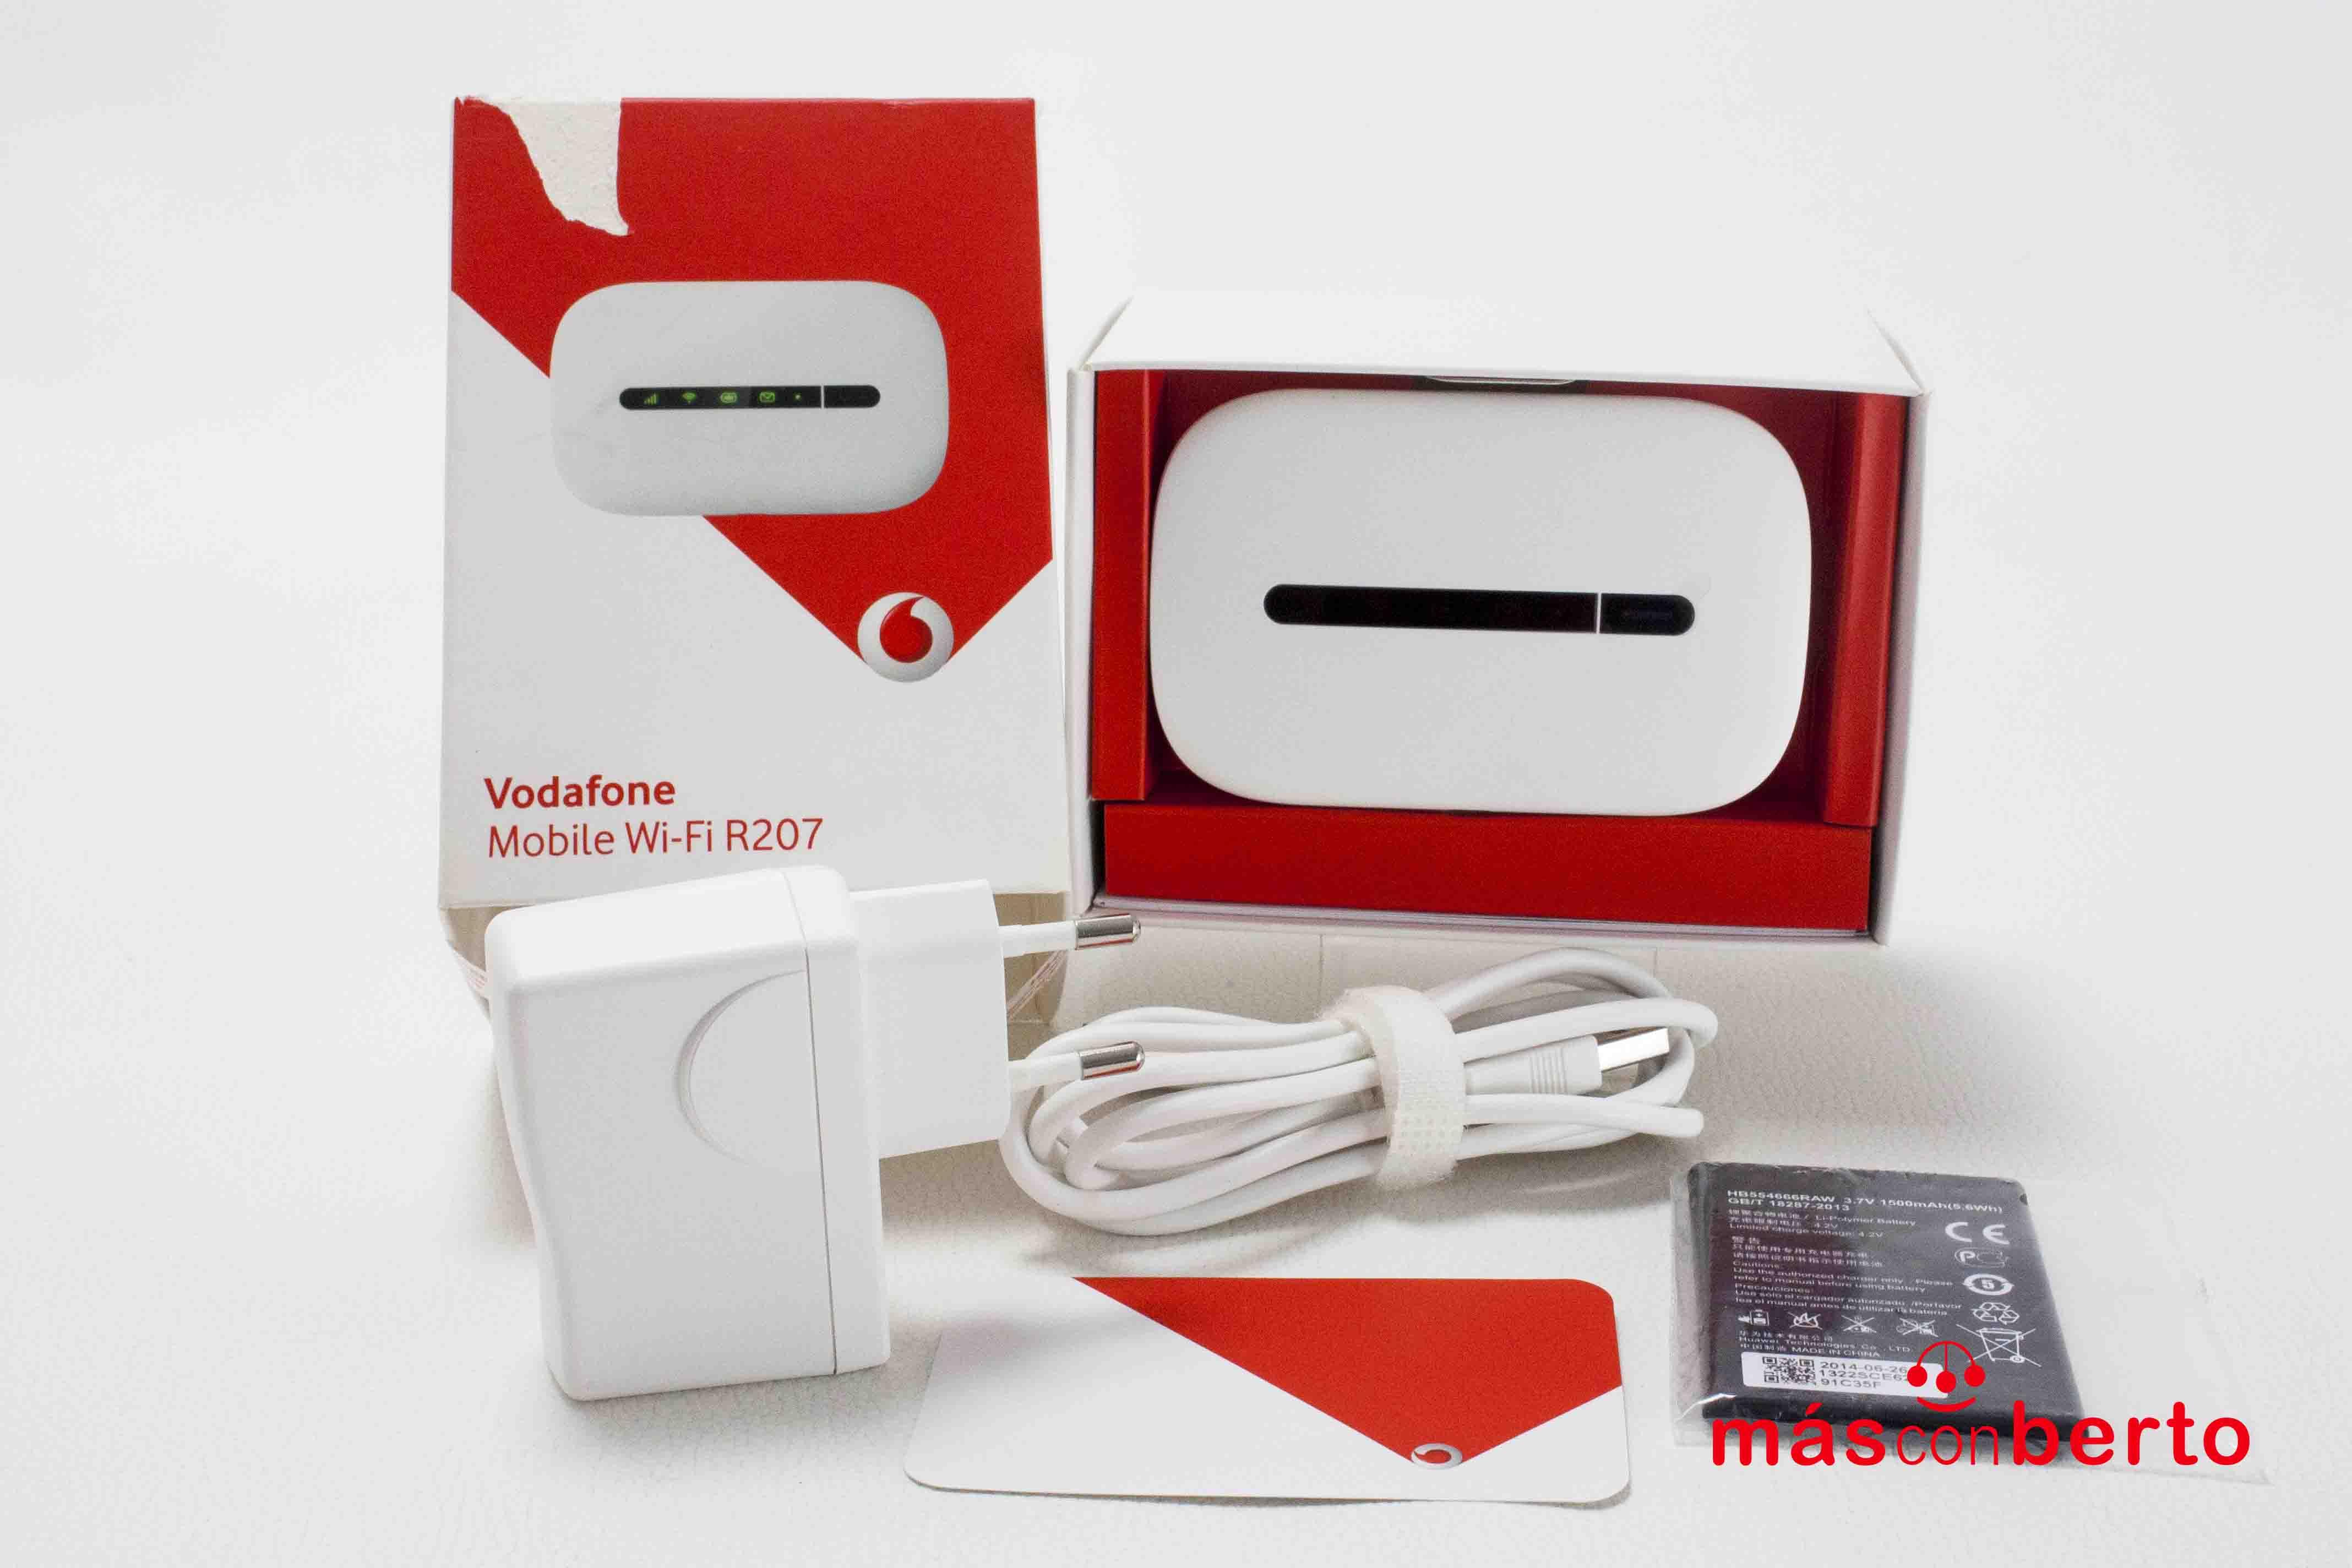 Router Wi-Fi R207 vodafone